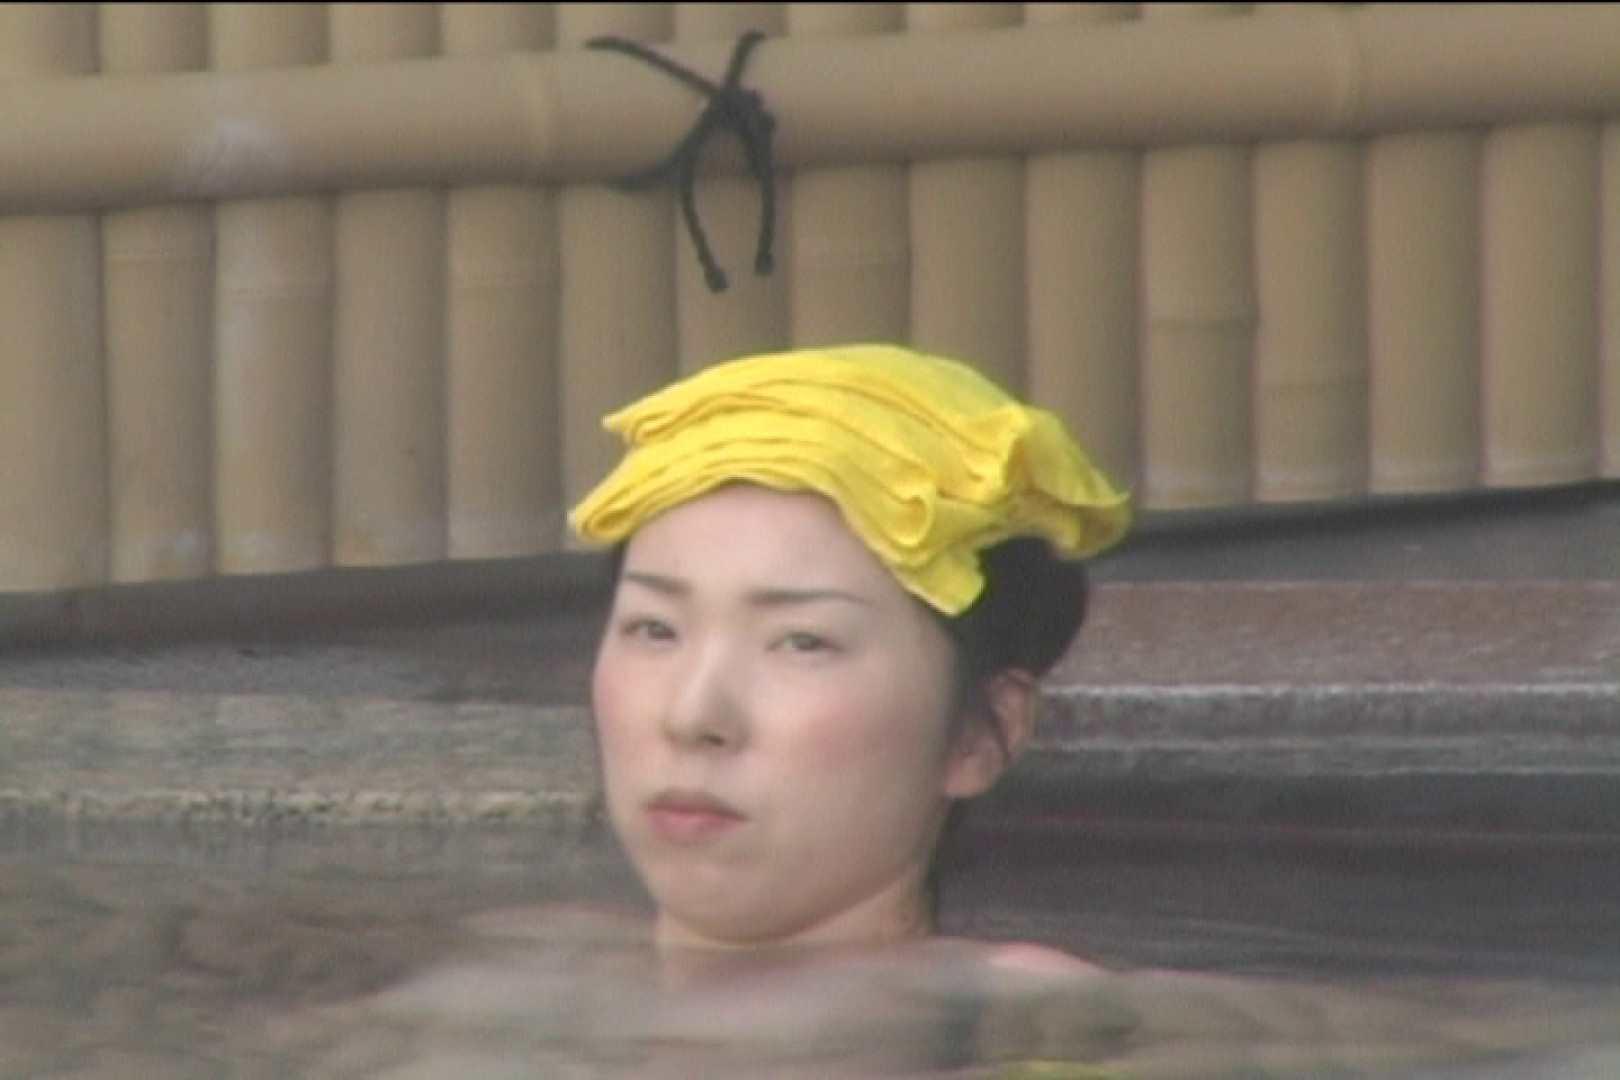 Aquaな露天風呂Vol.529 盗撮師作品 おめこ無修正画像 104pic 95